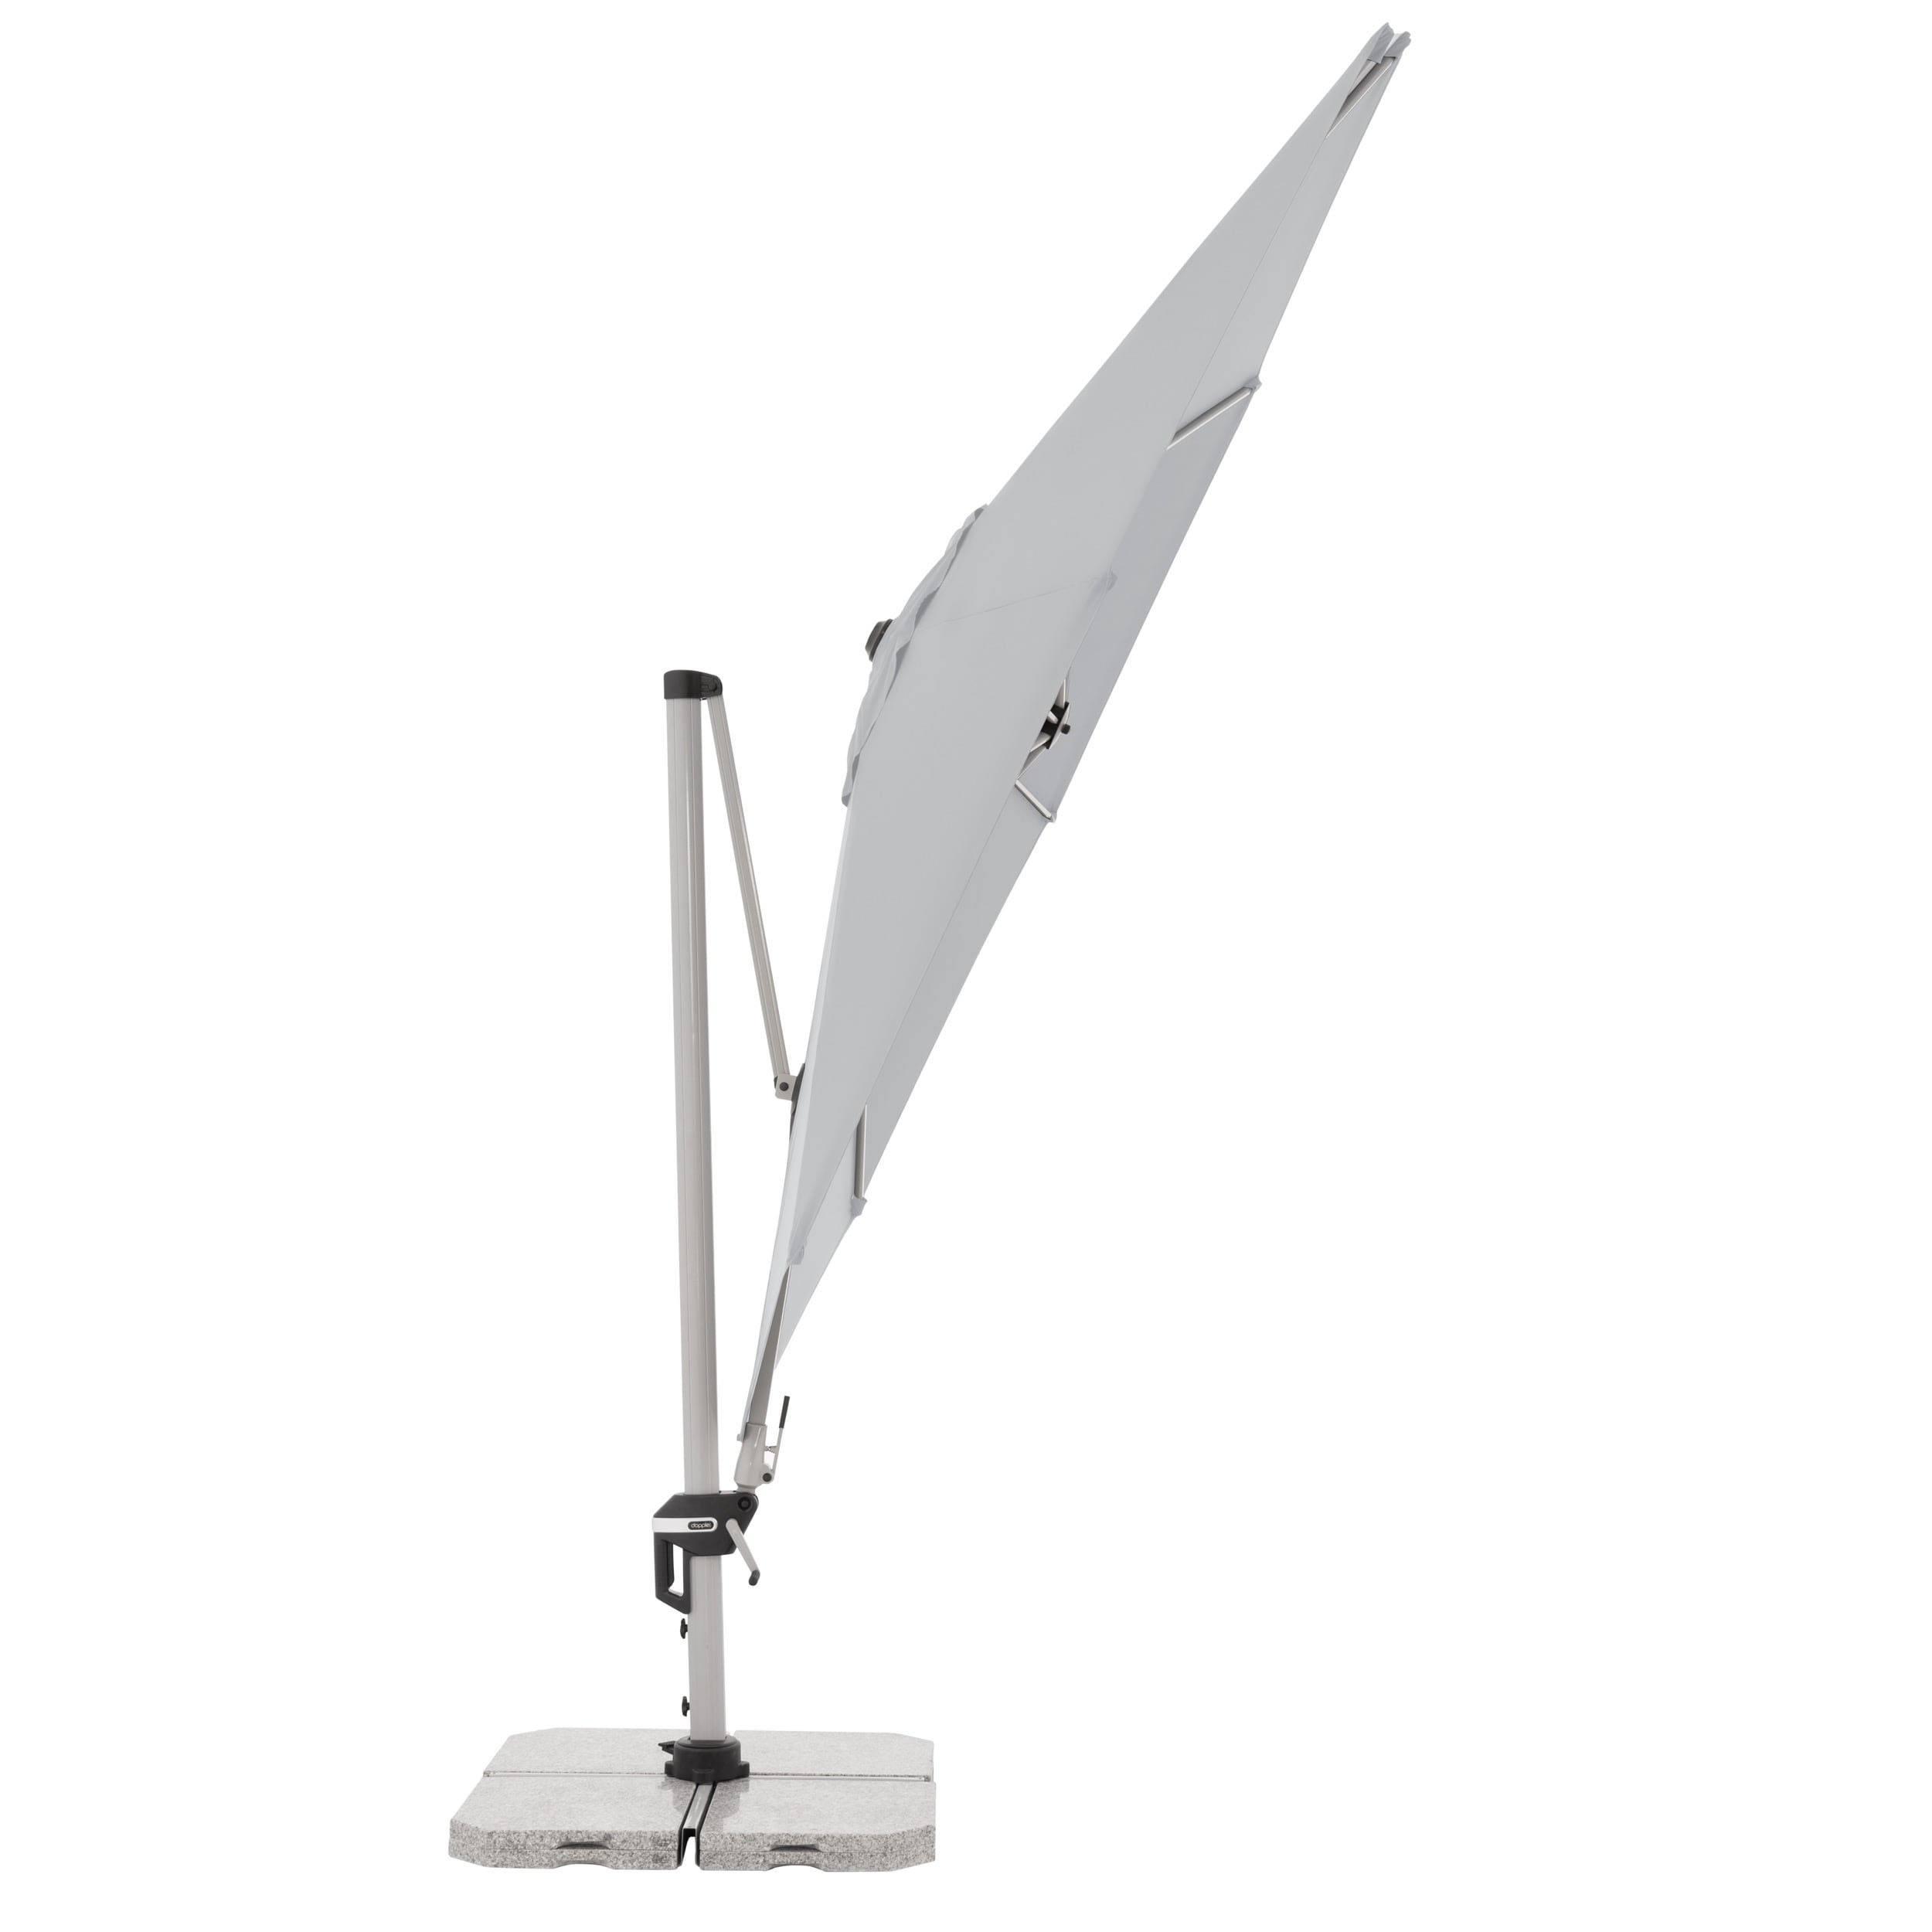 Active Pendelschirm rund mit Standkreuz ohne Beschwerungsplatten